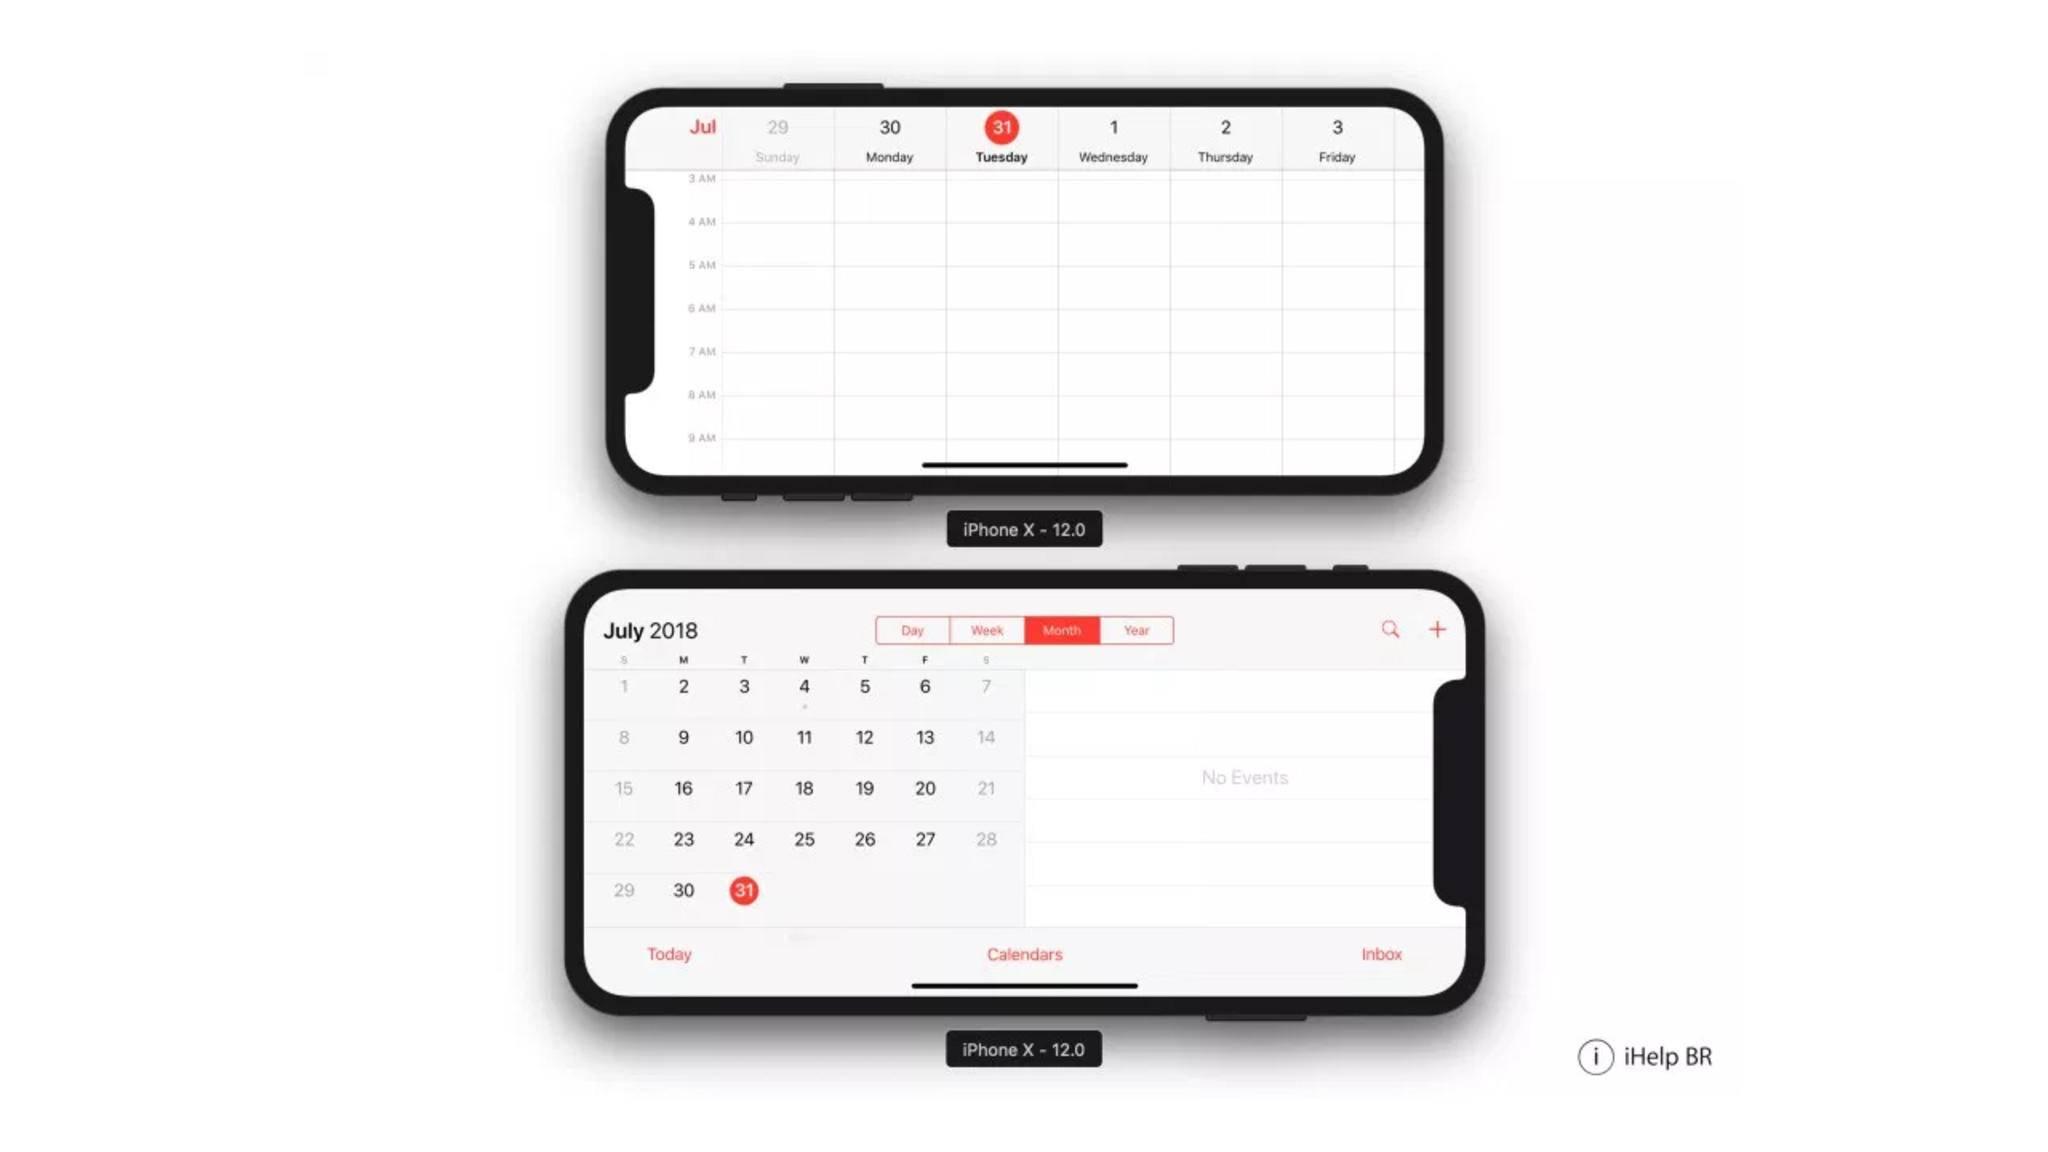 Das iPhone X Plus soll sich systemweit im Querformat nutzen lassen.